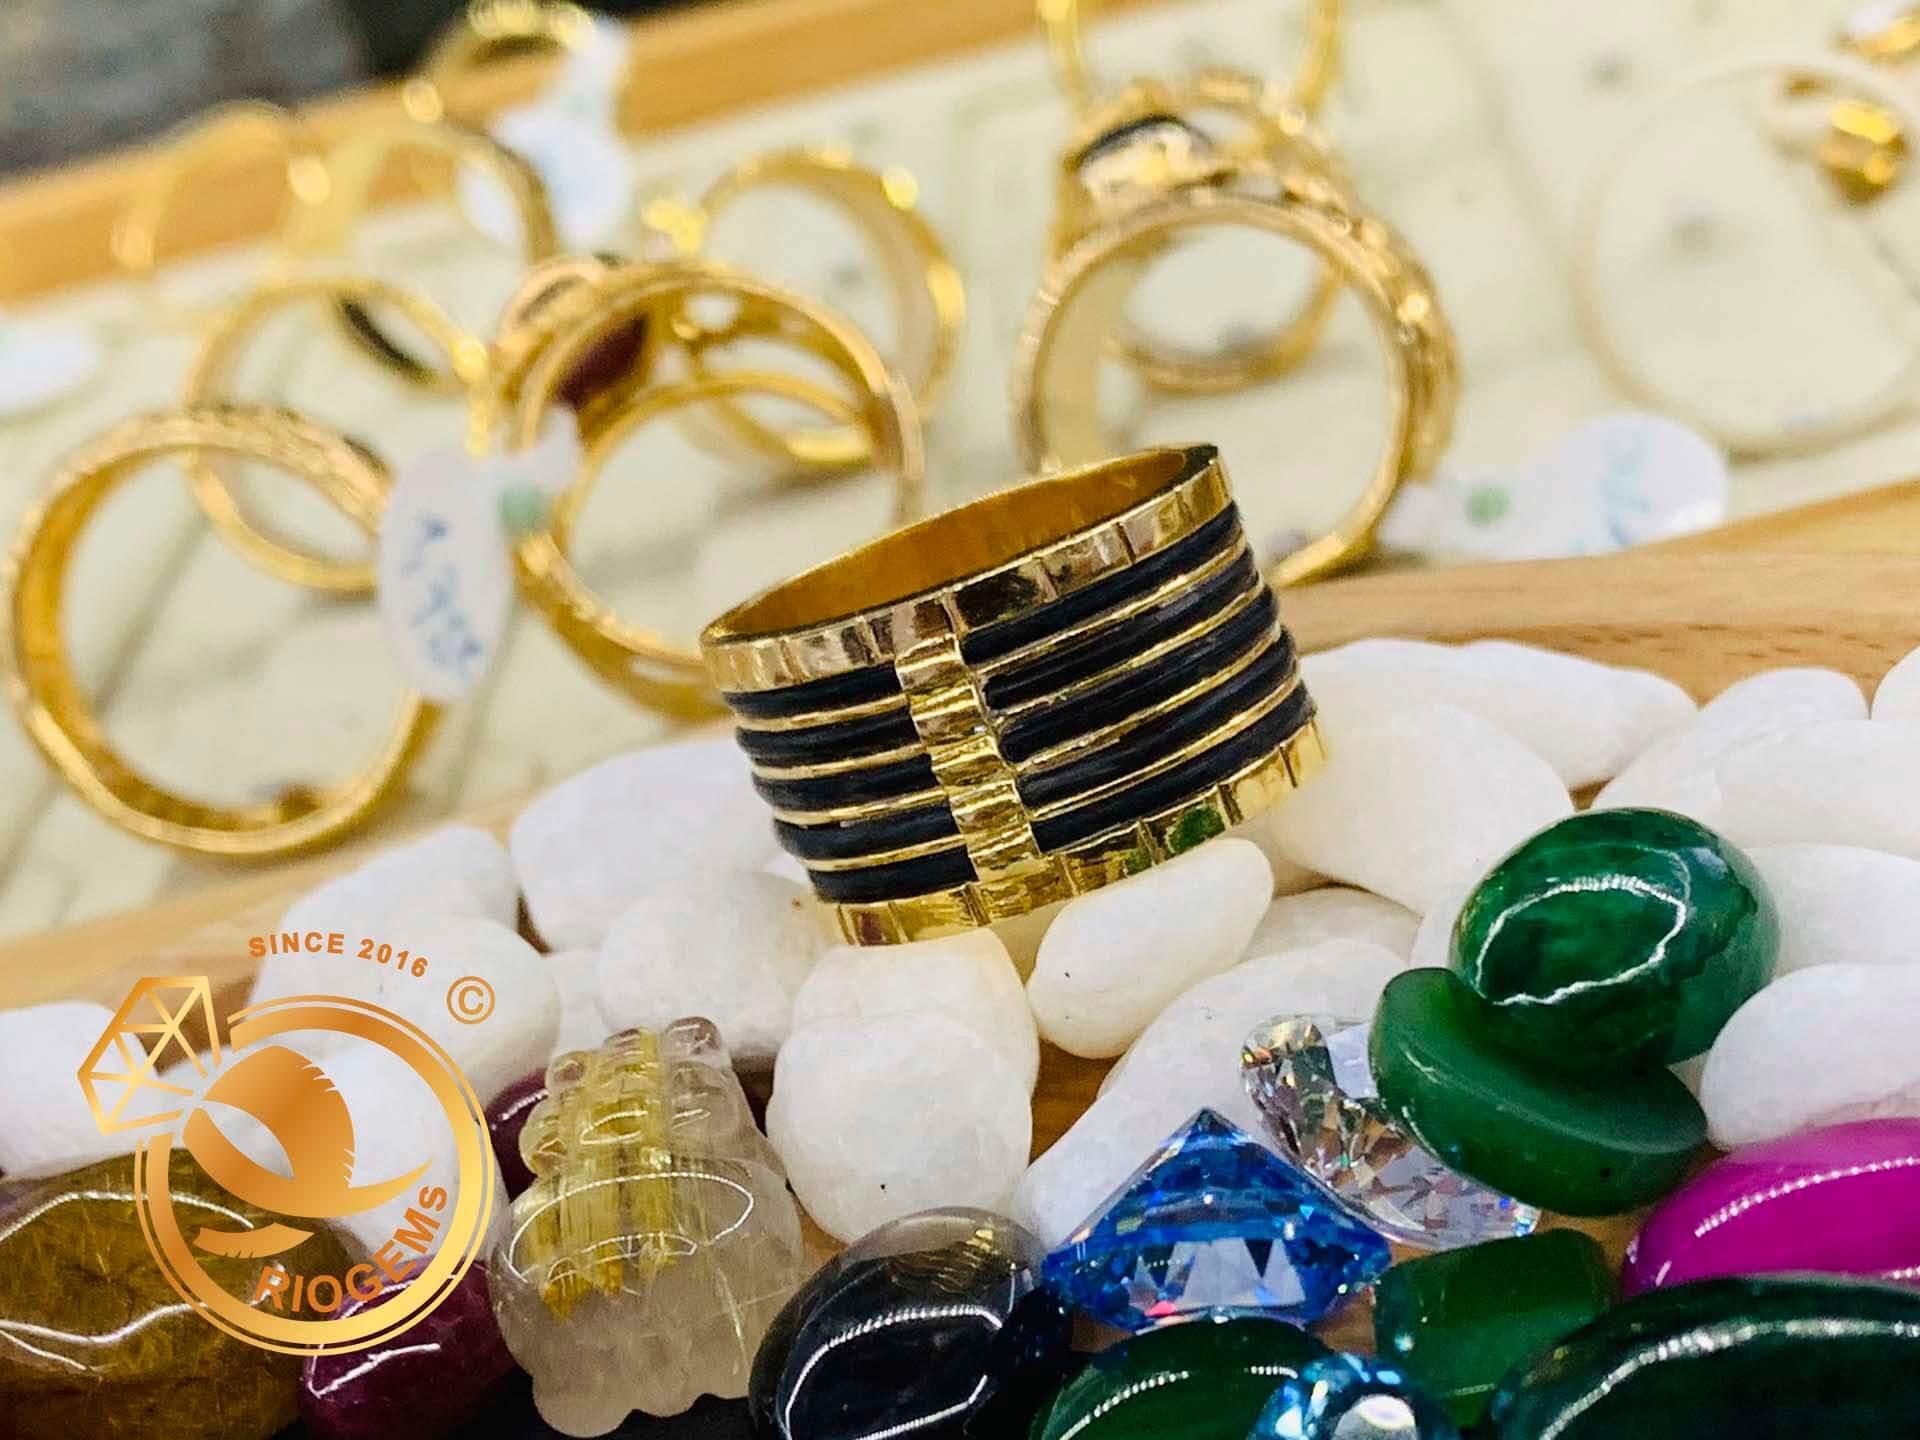 Với thiết dày dặn, độc đáo, nhẫn lông voi 5 sợi làm tay nhanh chóng chinh phục được trái tim mọi khách hàng Việt